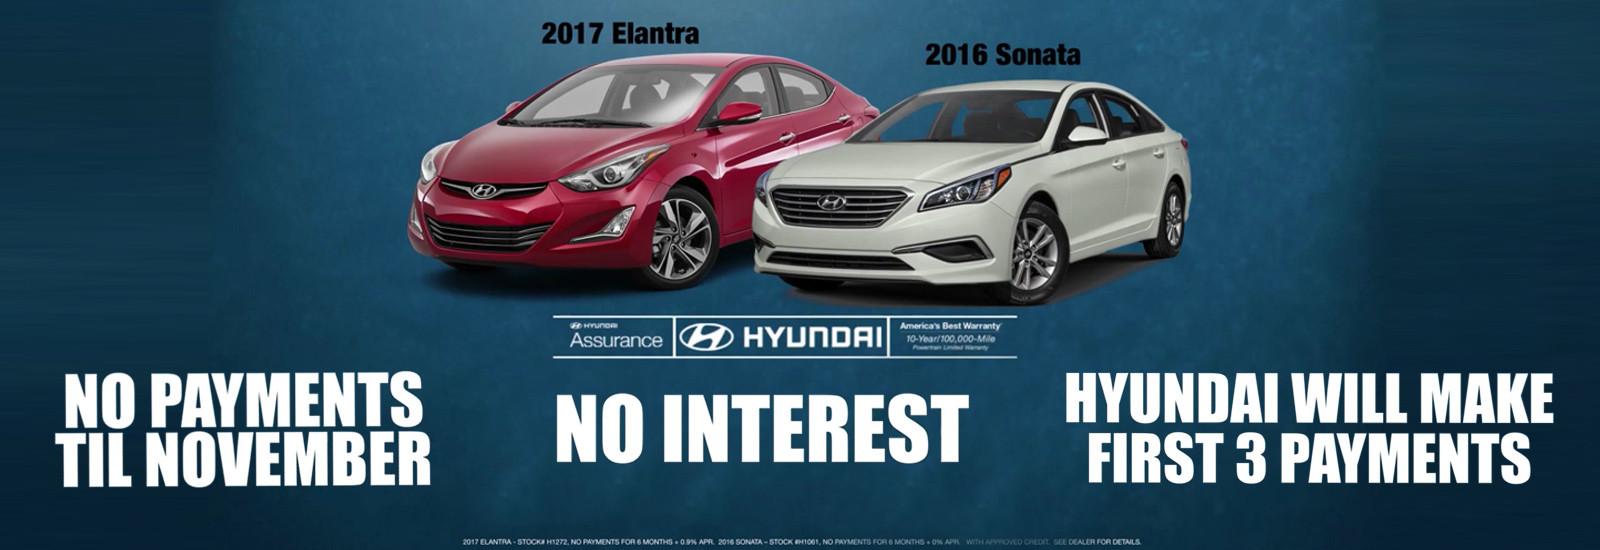 Hyundai Elantra & Sonata